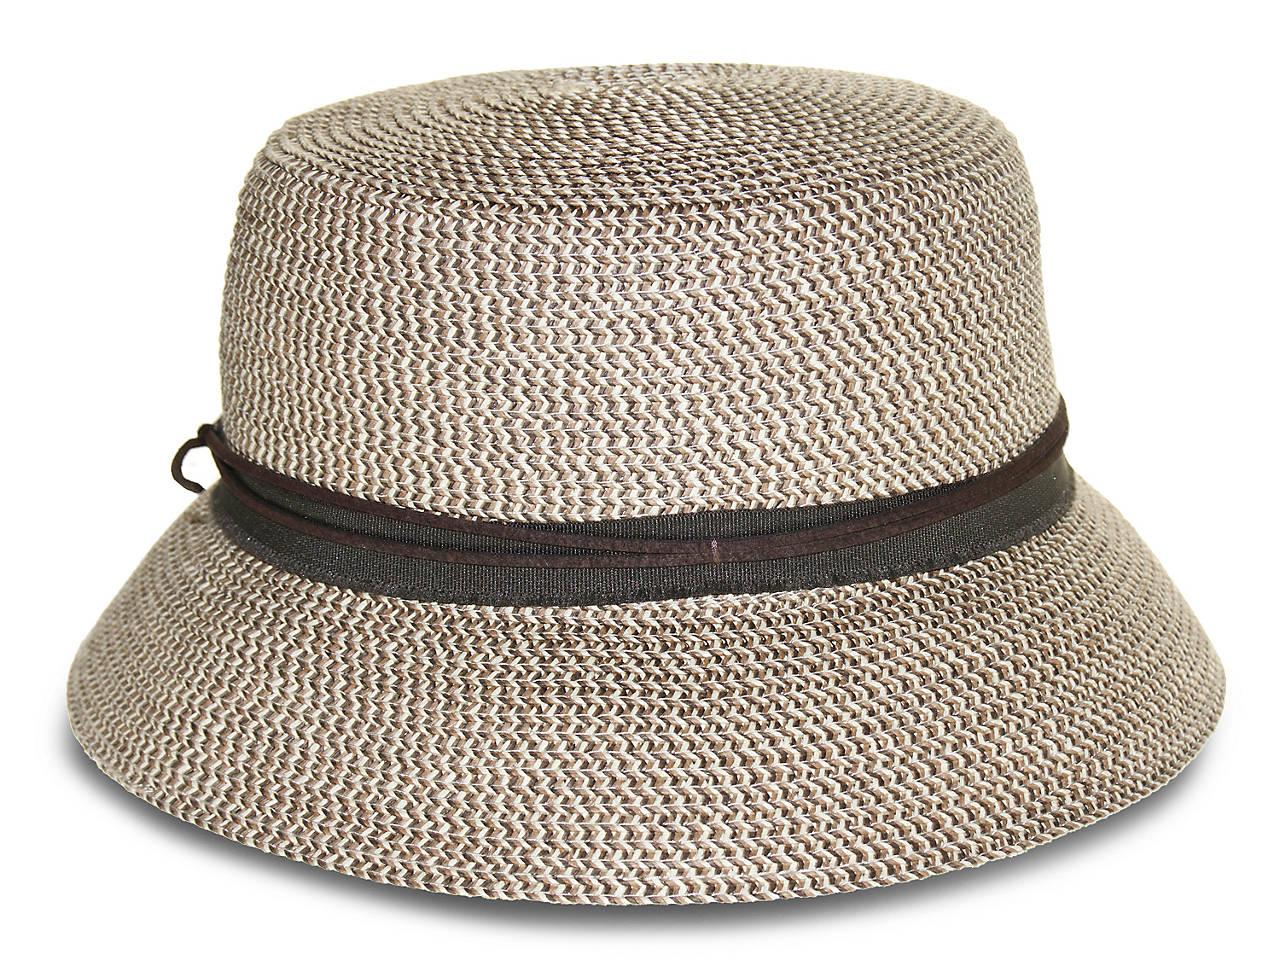 Nine West Packable Bucket Hat Women s Handbags   Accessories  f79f1295786